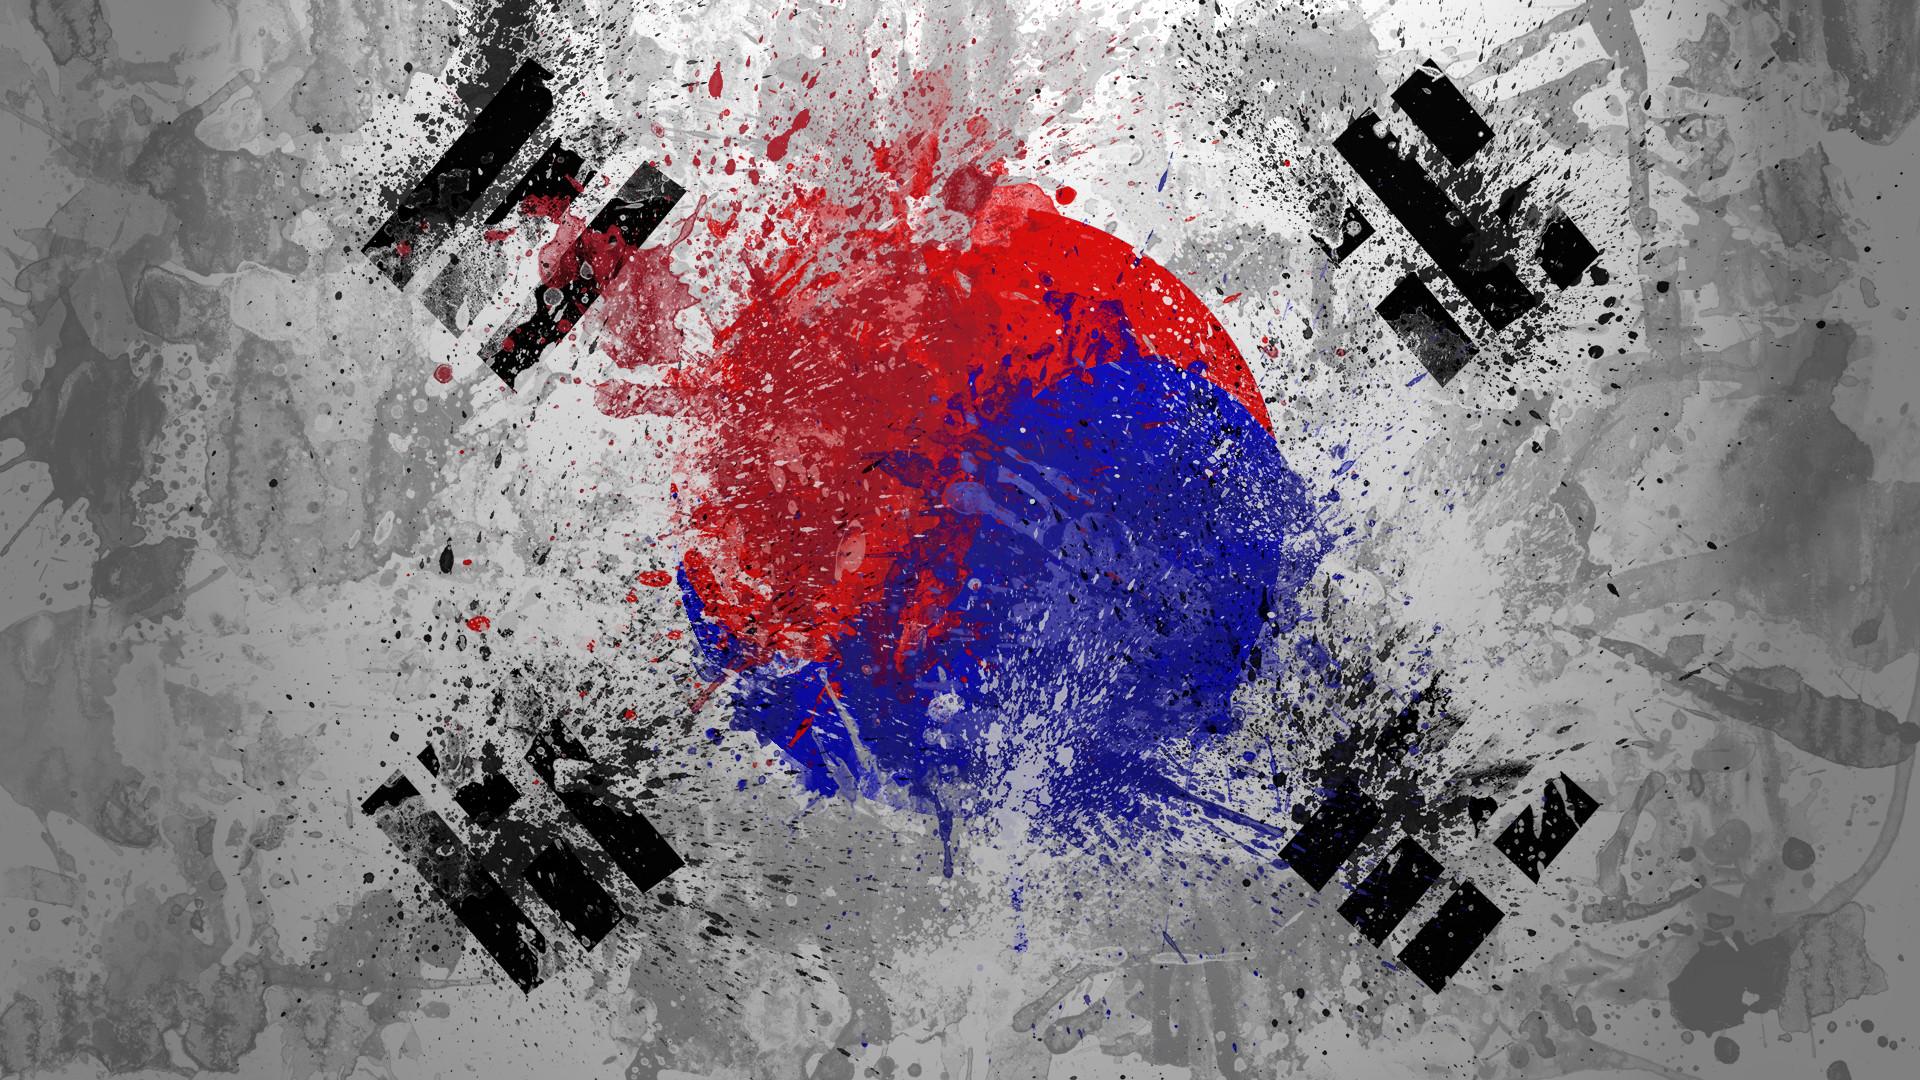 Korea Wallpaper: Korean Flag Wallpaper (70+ Images